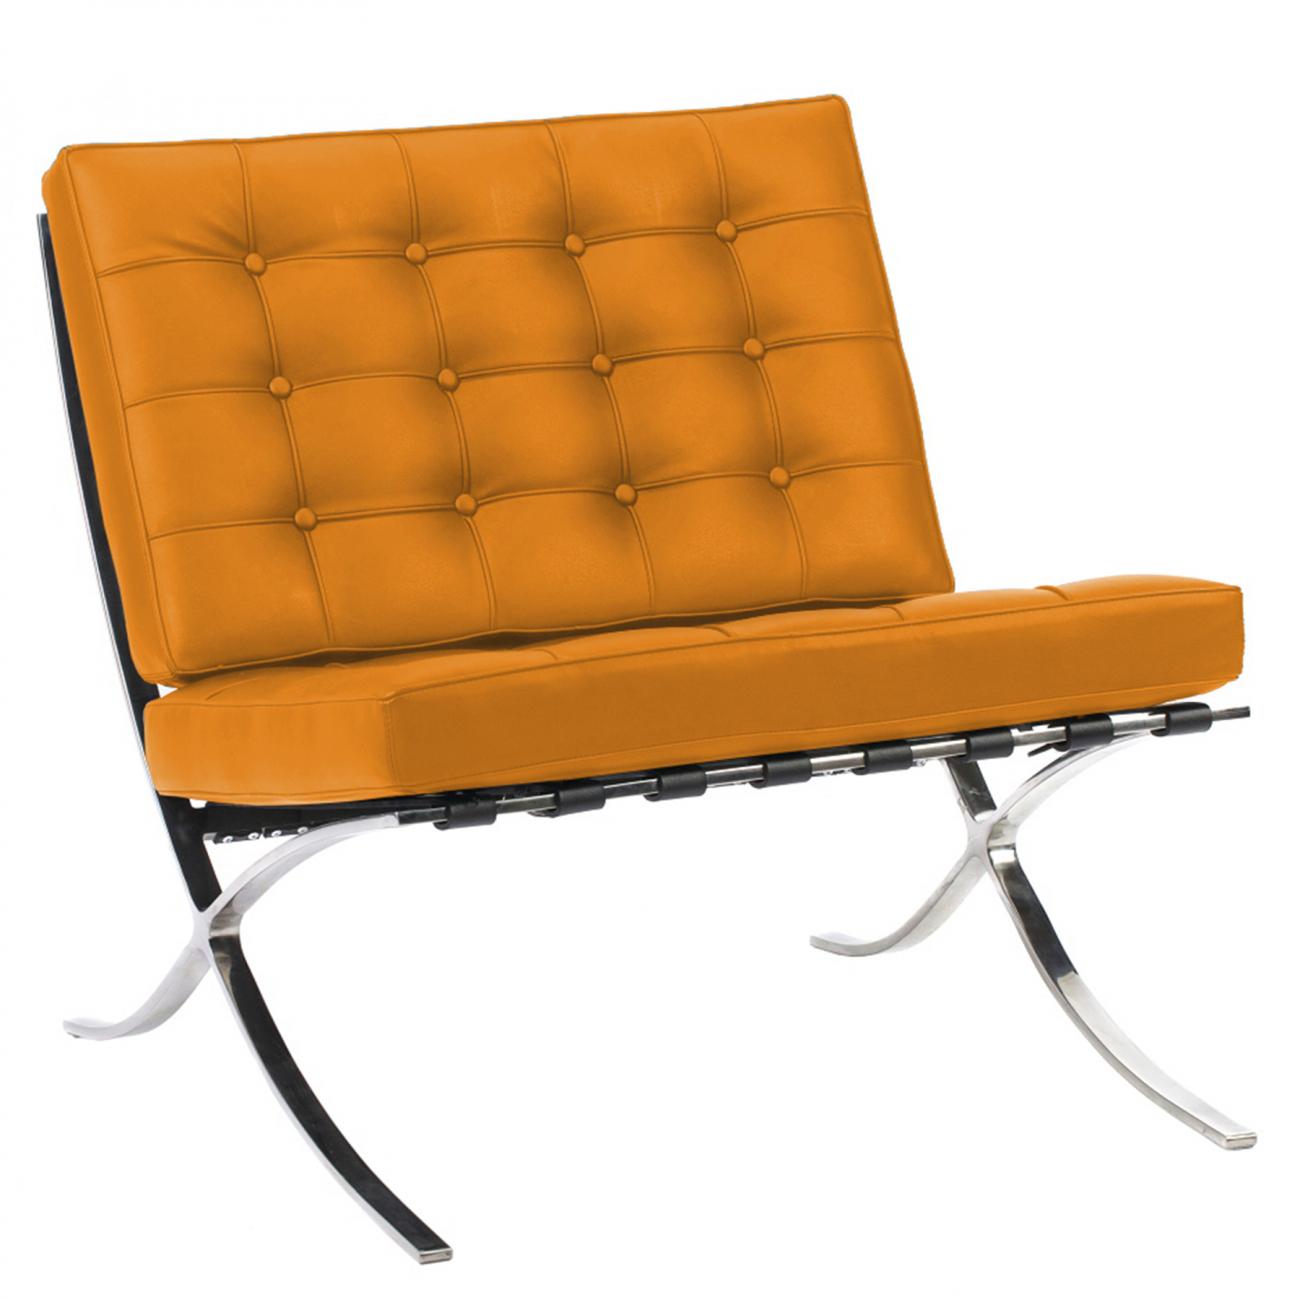 Купить Кресло Barcelona Chair Оранжевая Кожа Класса Премиум в интернет магазине дизайнерской мебели и аксессуаров для дома и дачи